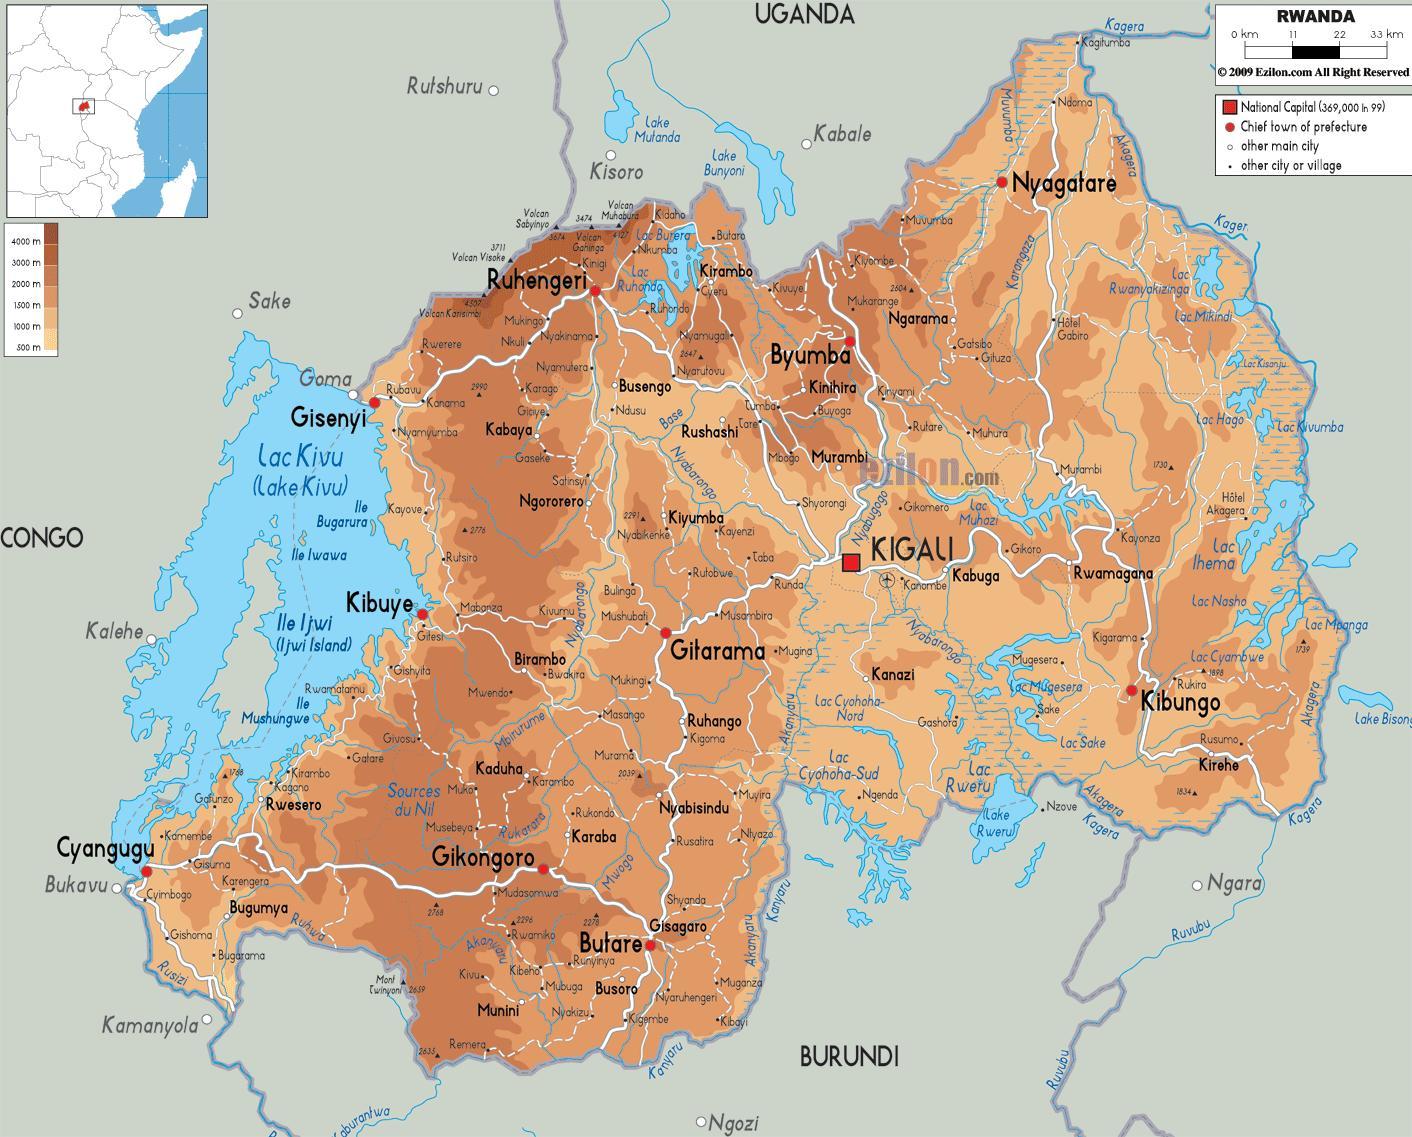 Fysisk Kort Over Rwanda Kort Af Fysisk Kort Over Rwanda Ostlige